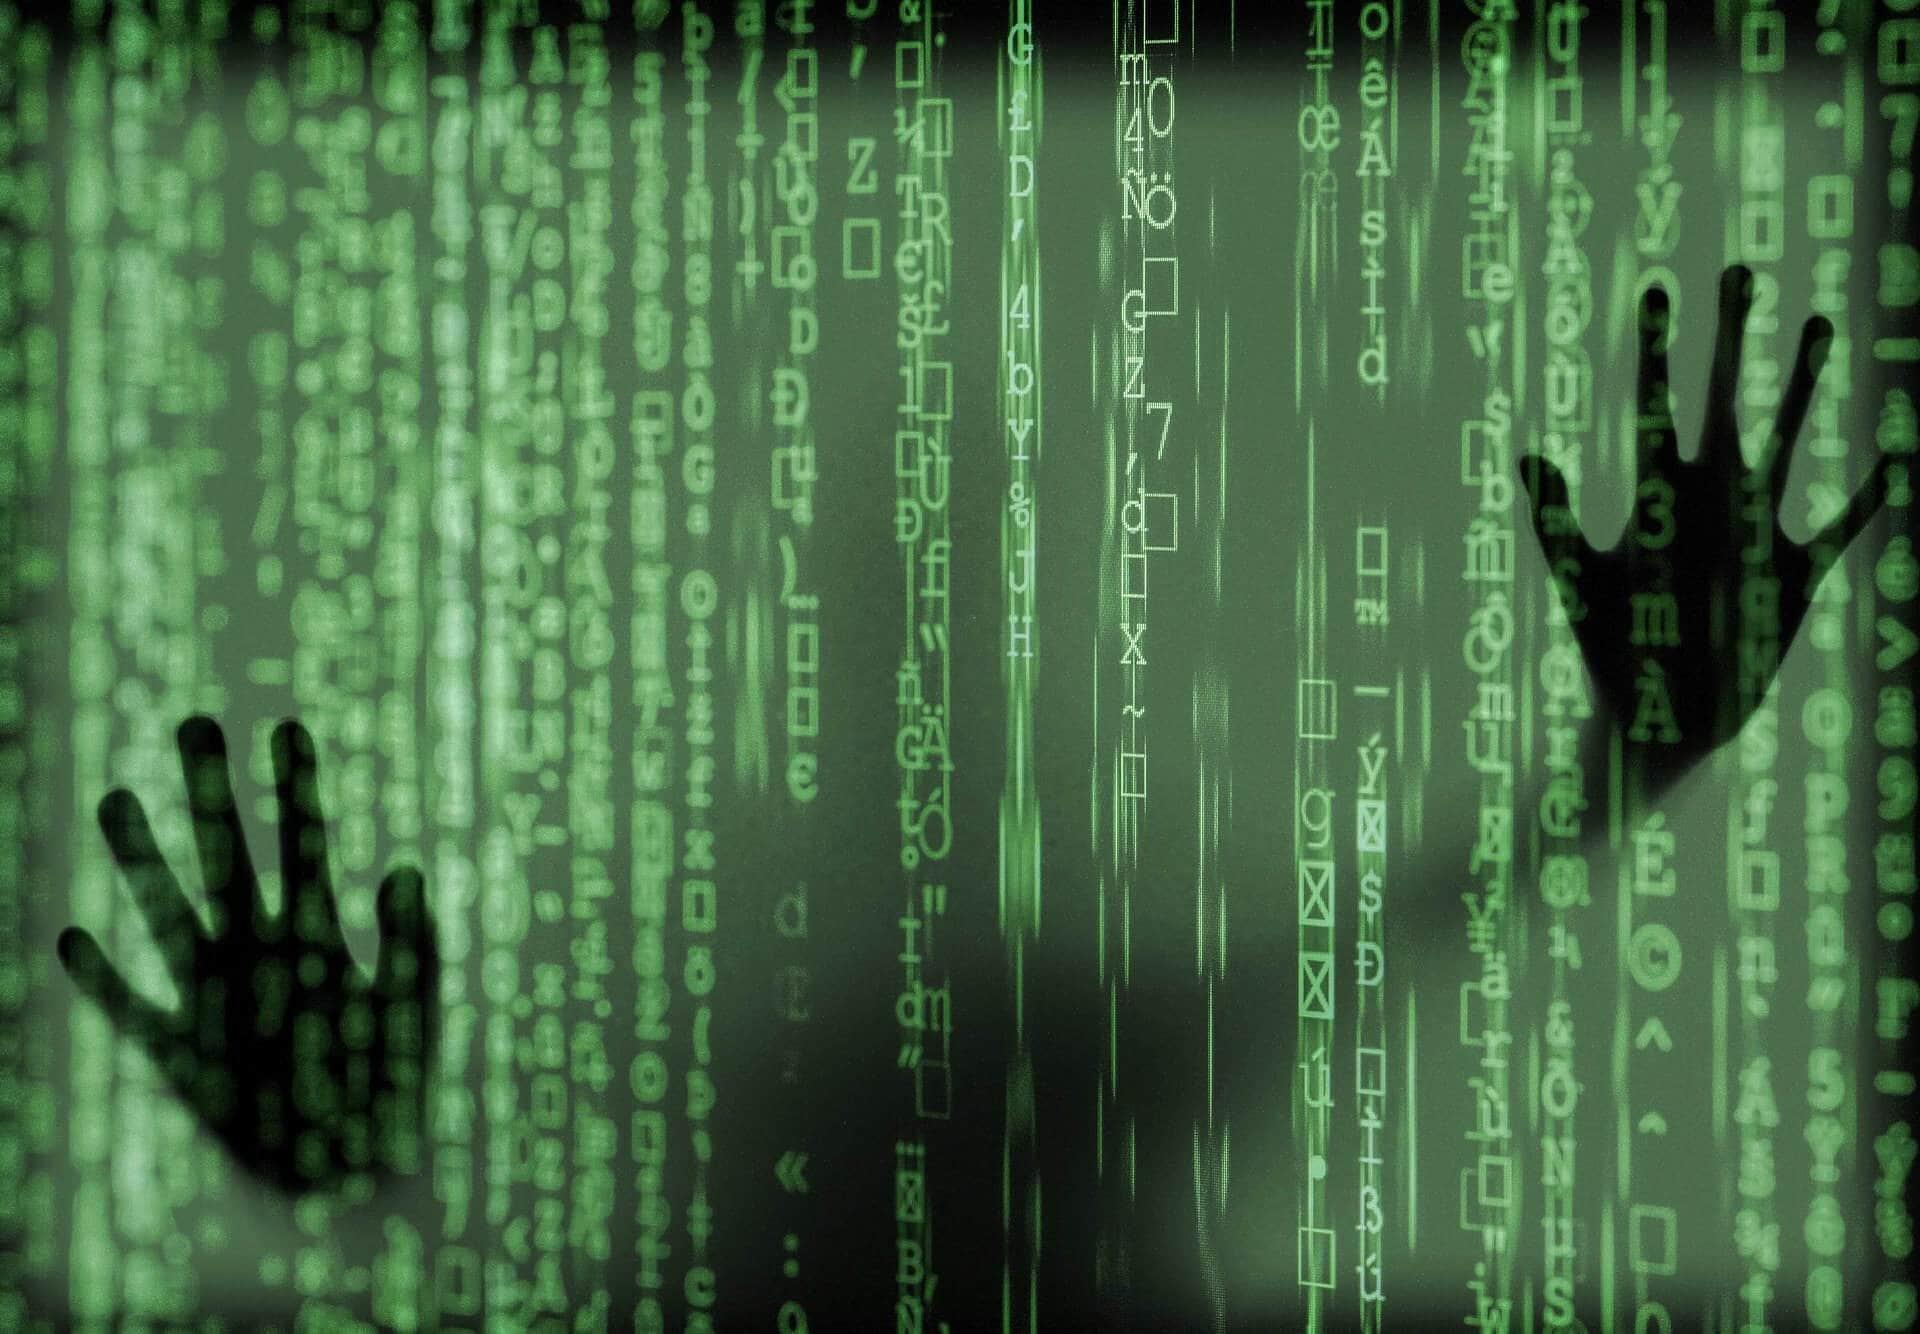 ejemplos de vulneraciones de seguridad